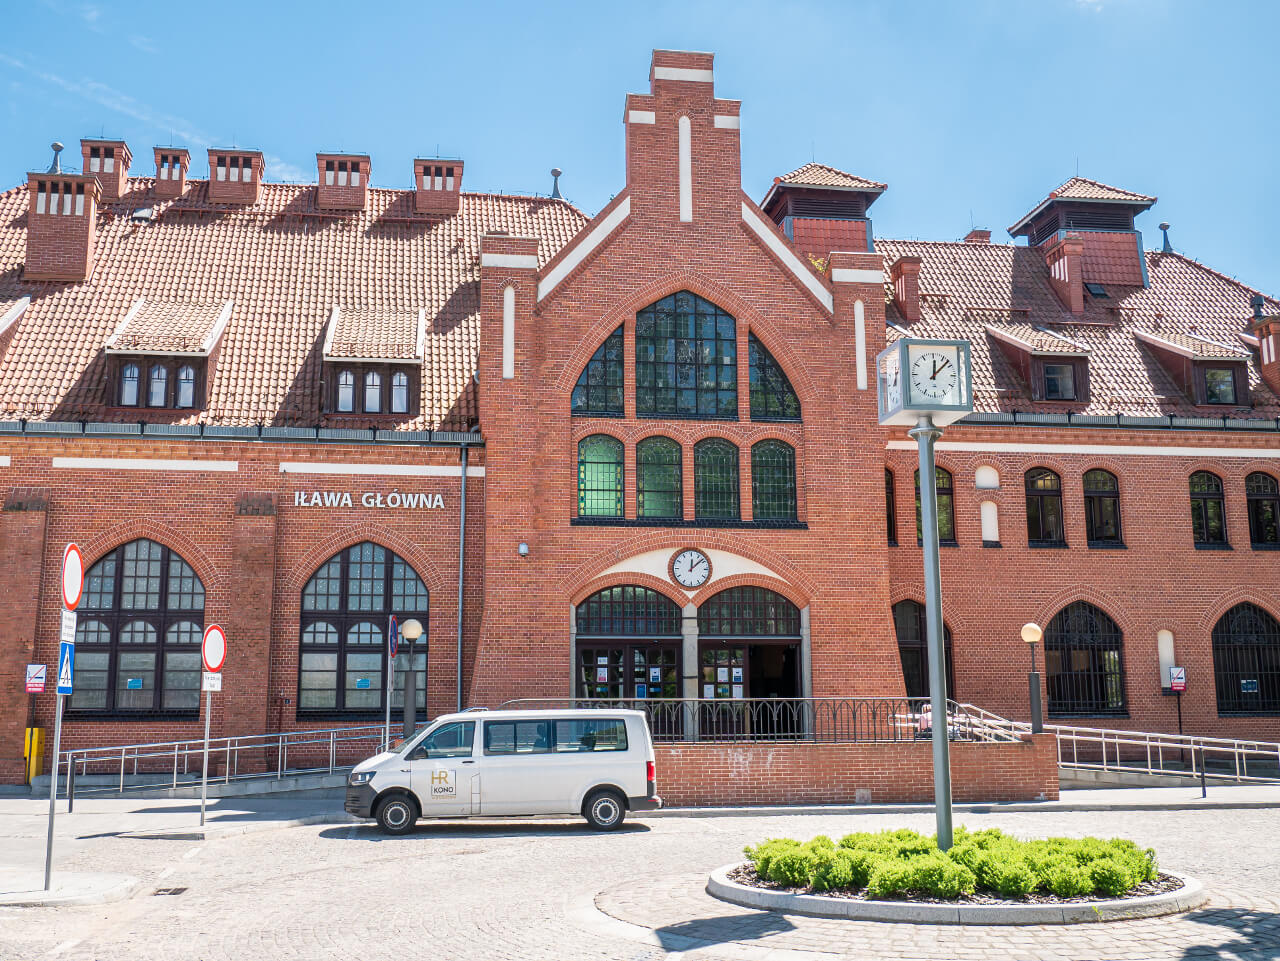 Dworzec kolejowy Iława główna